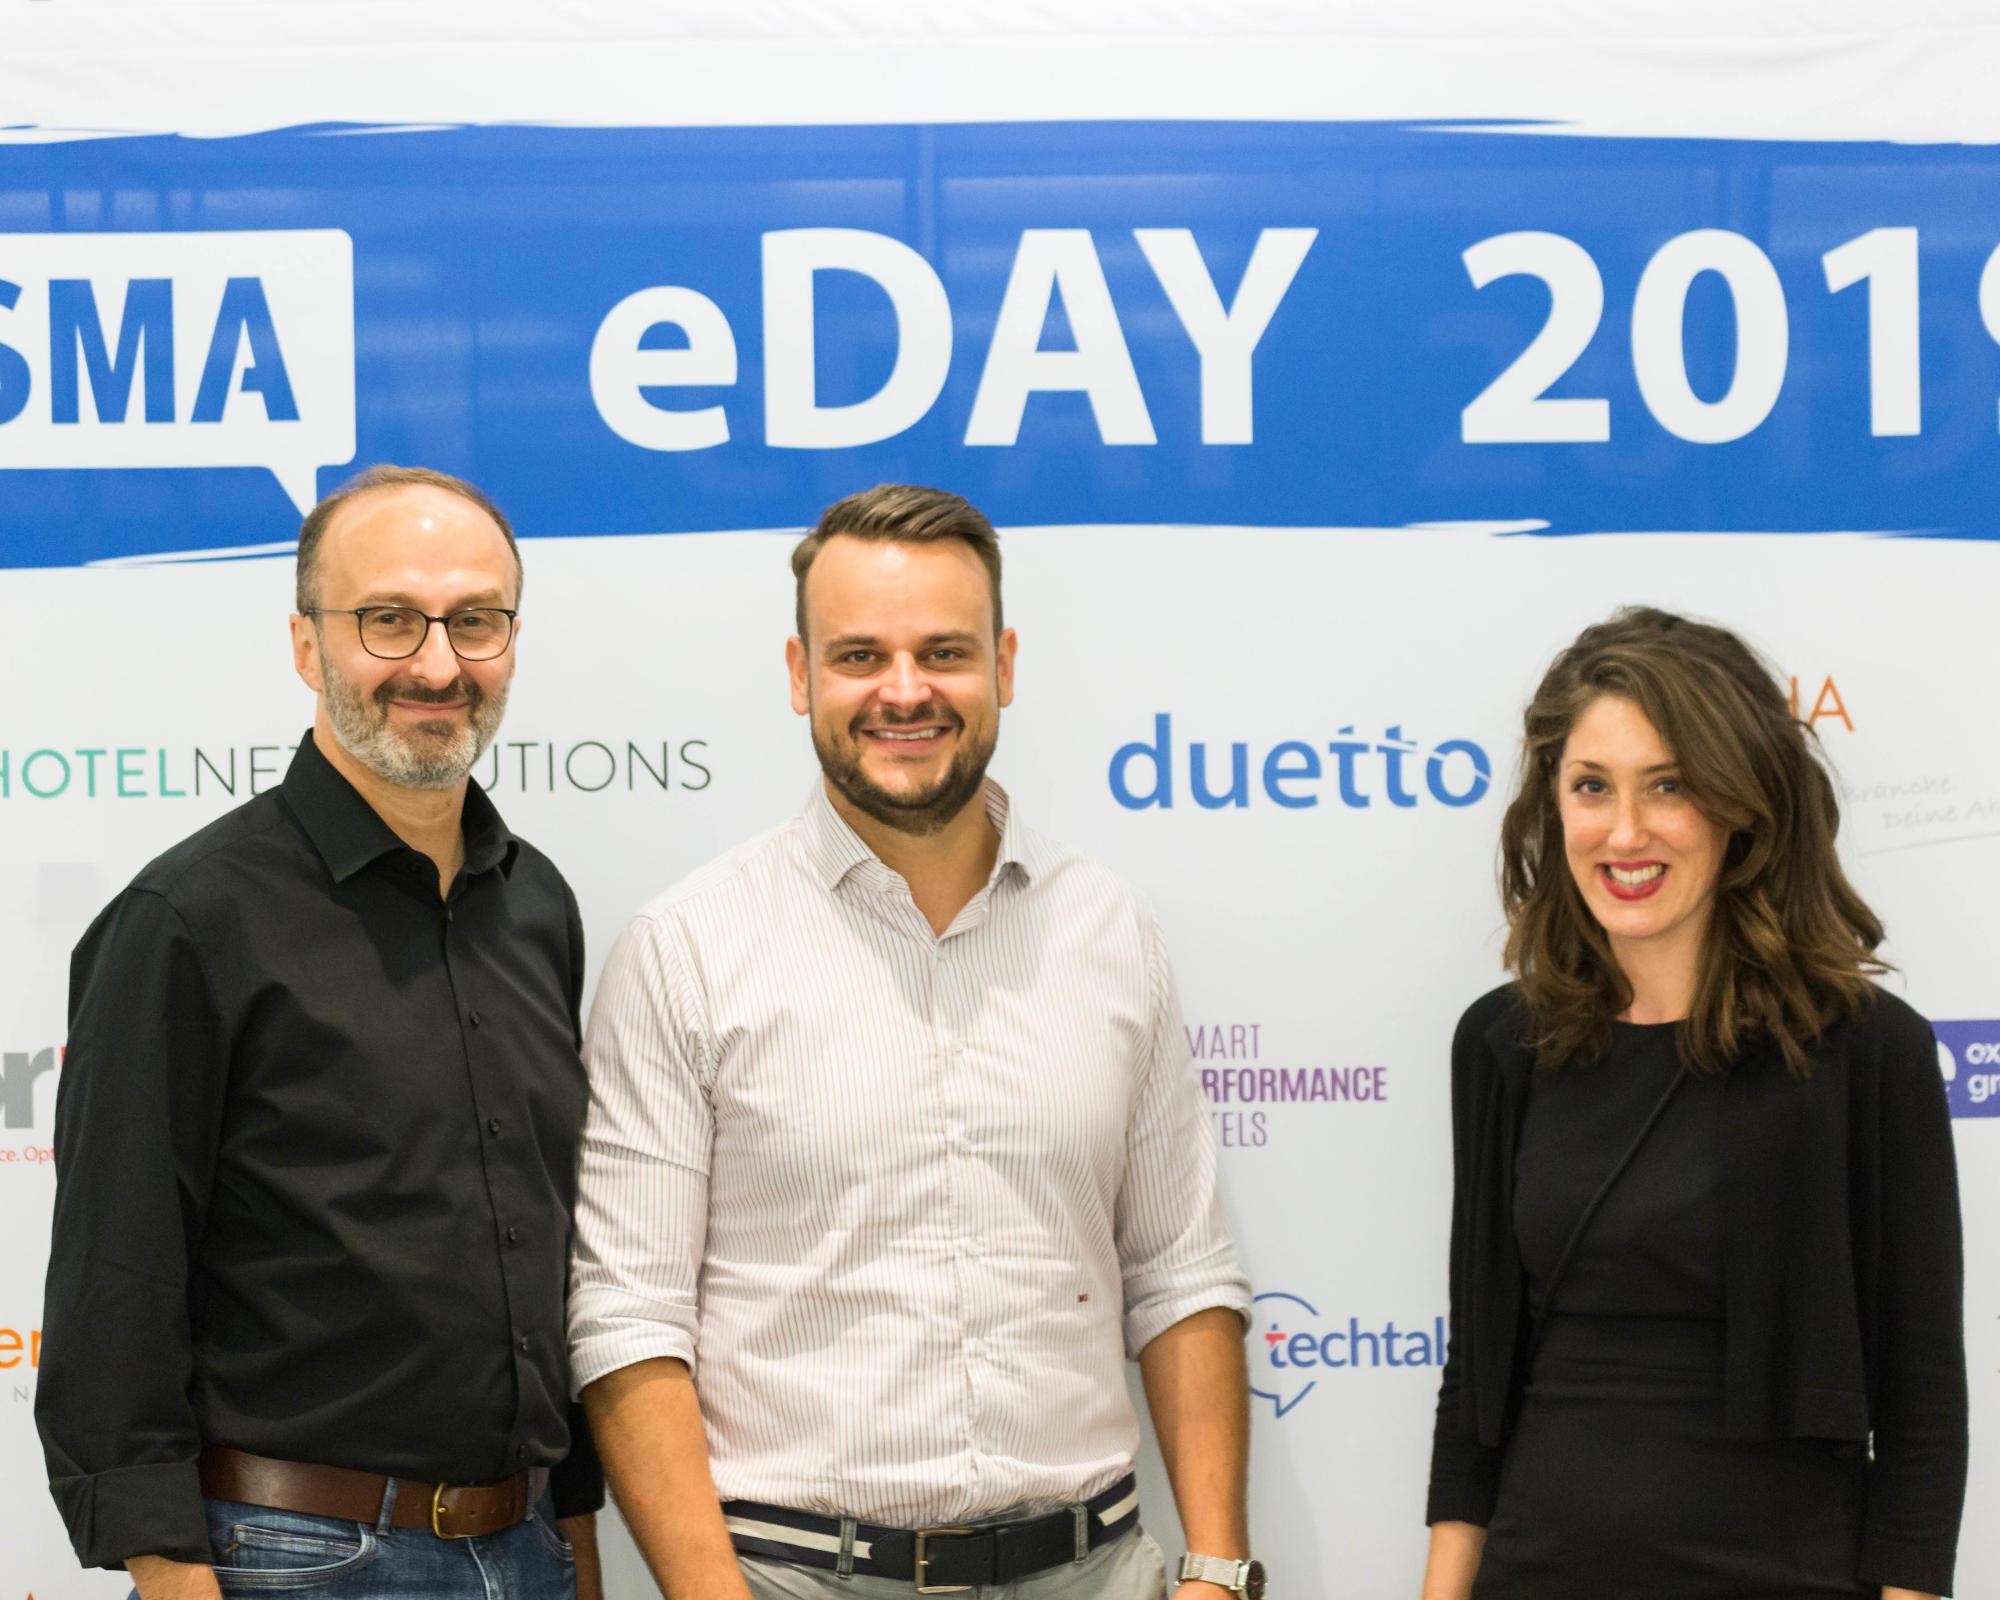 Abb. zu Artikel Duetto wird Sponsoring Partner der HSMA Deutschland e.V.